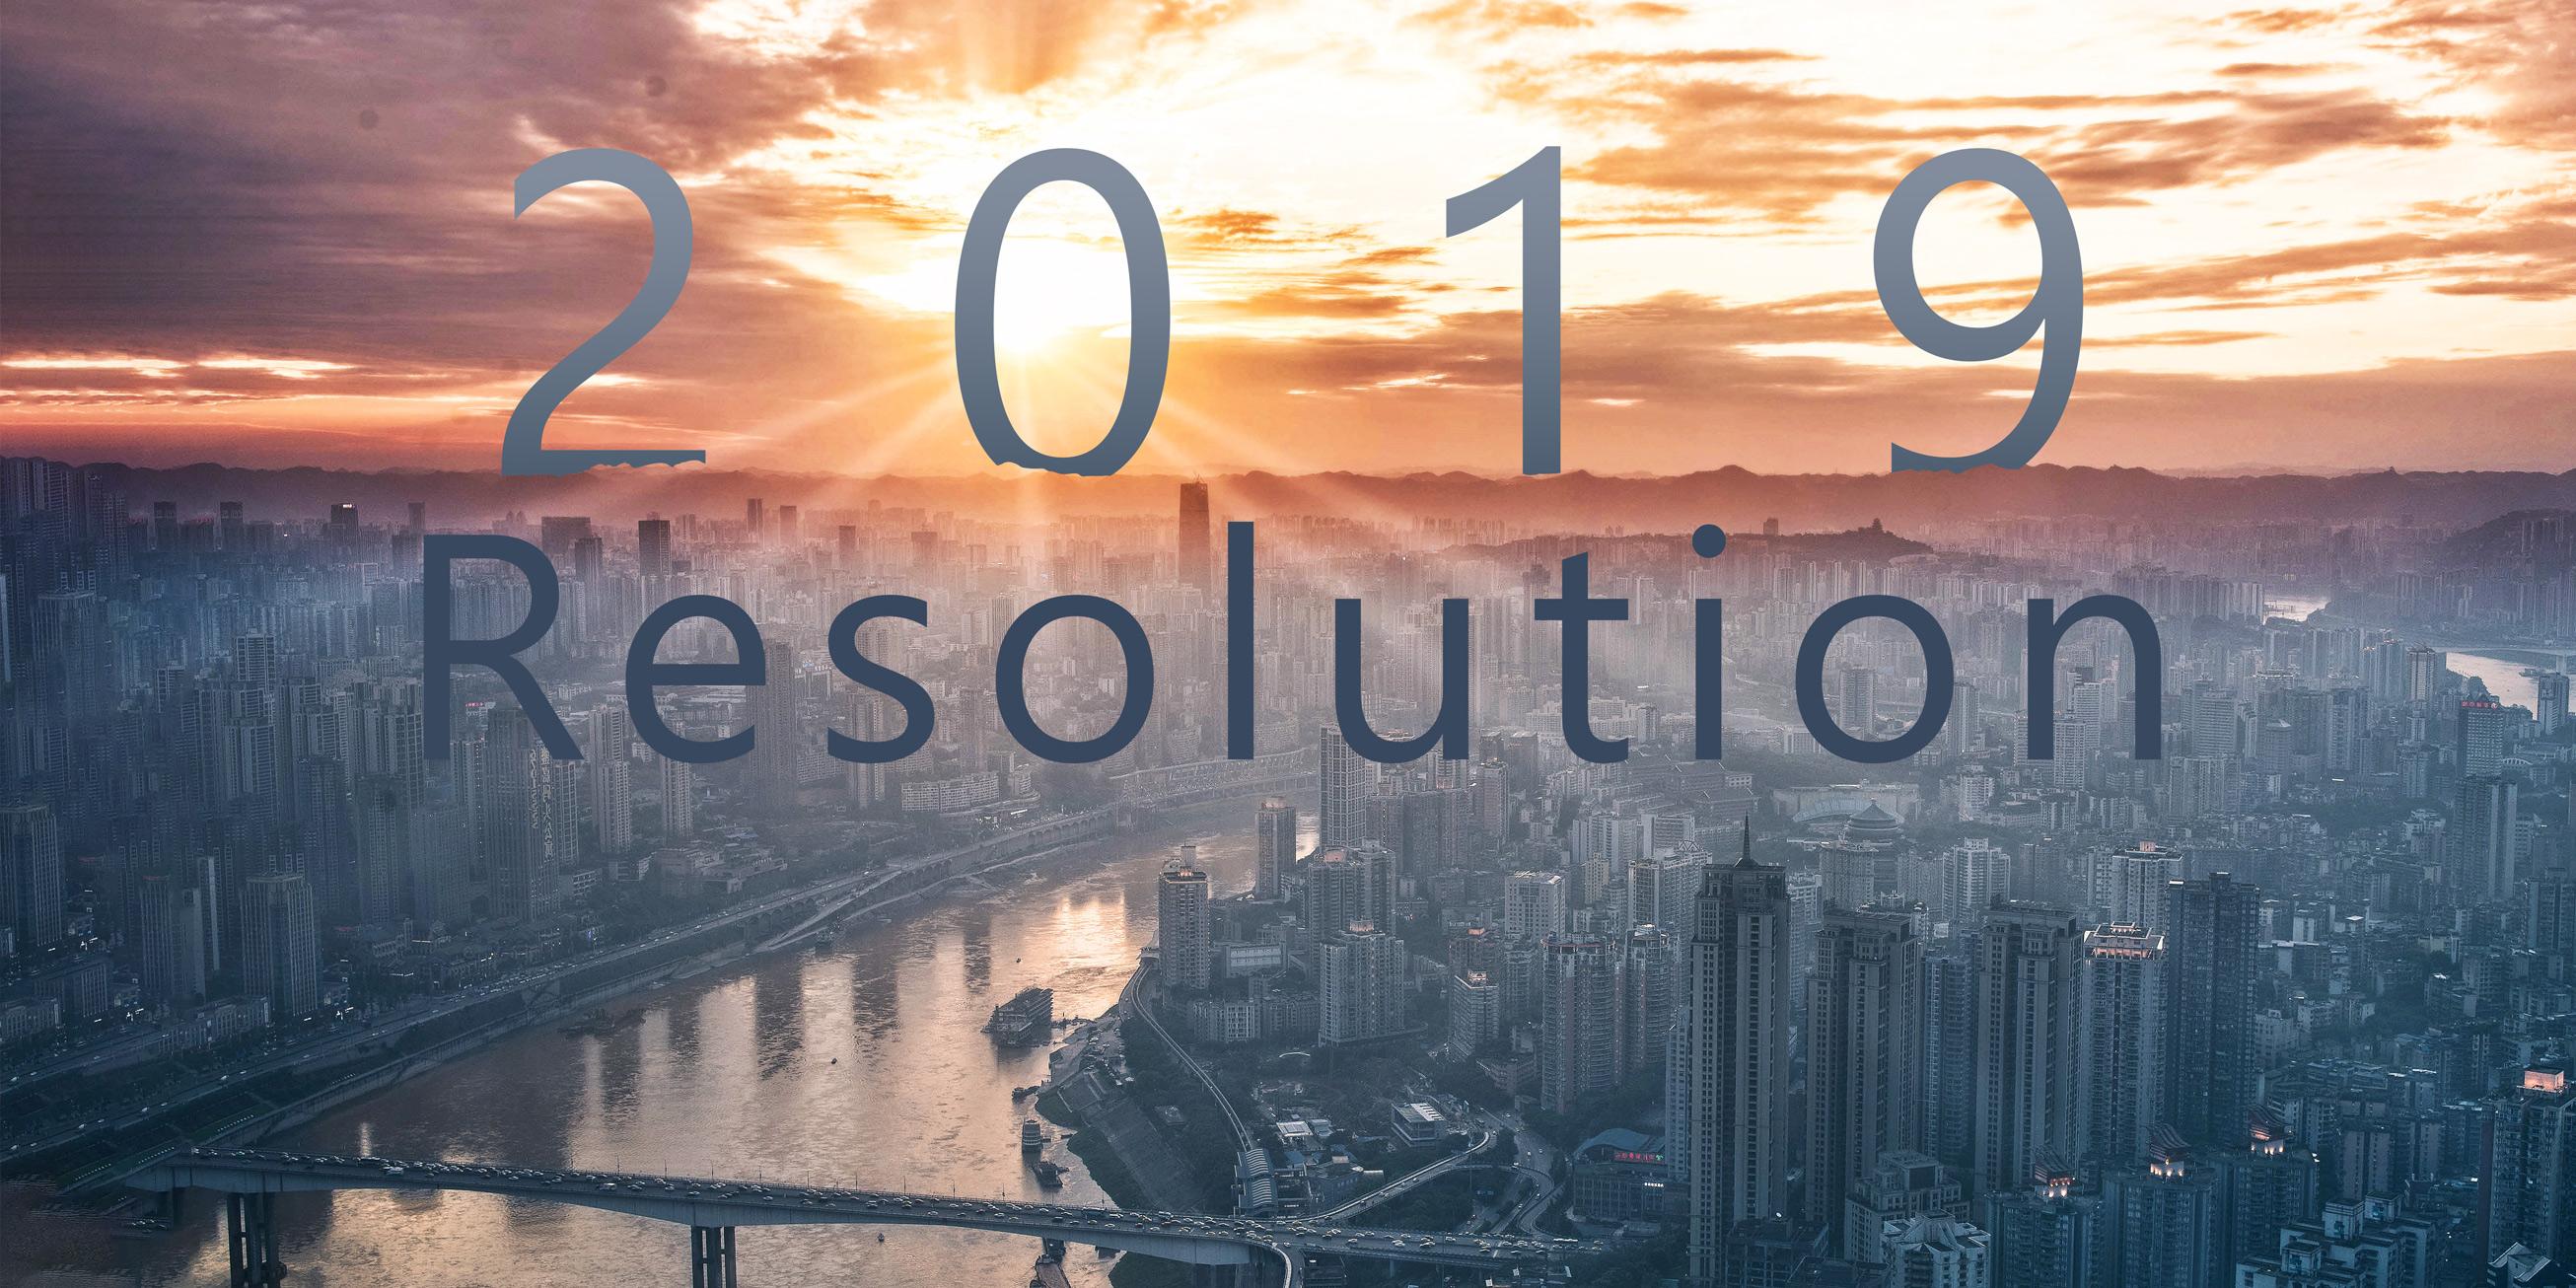 2019 Resolution